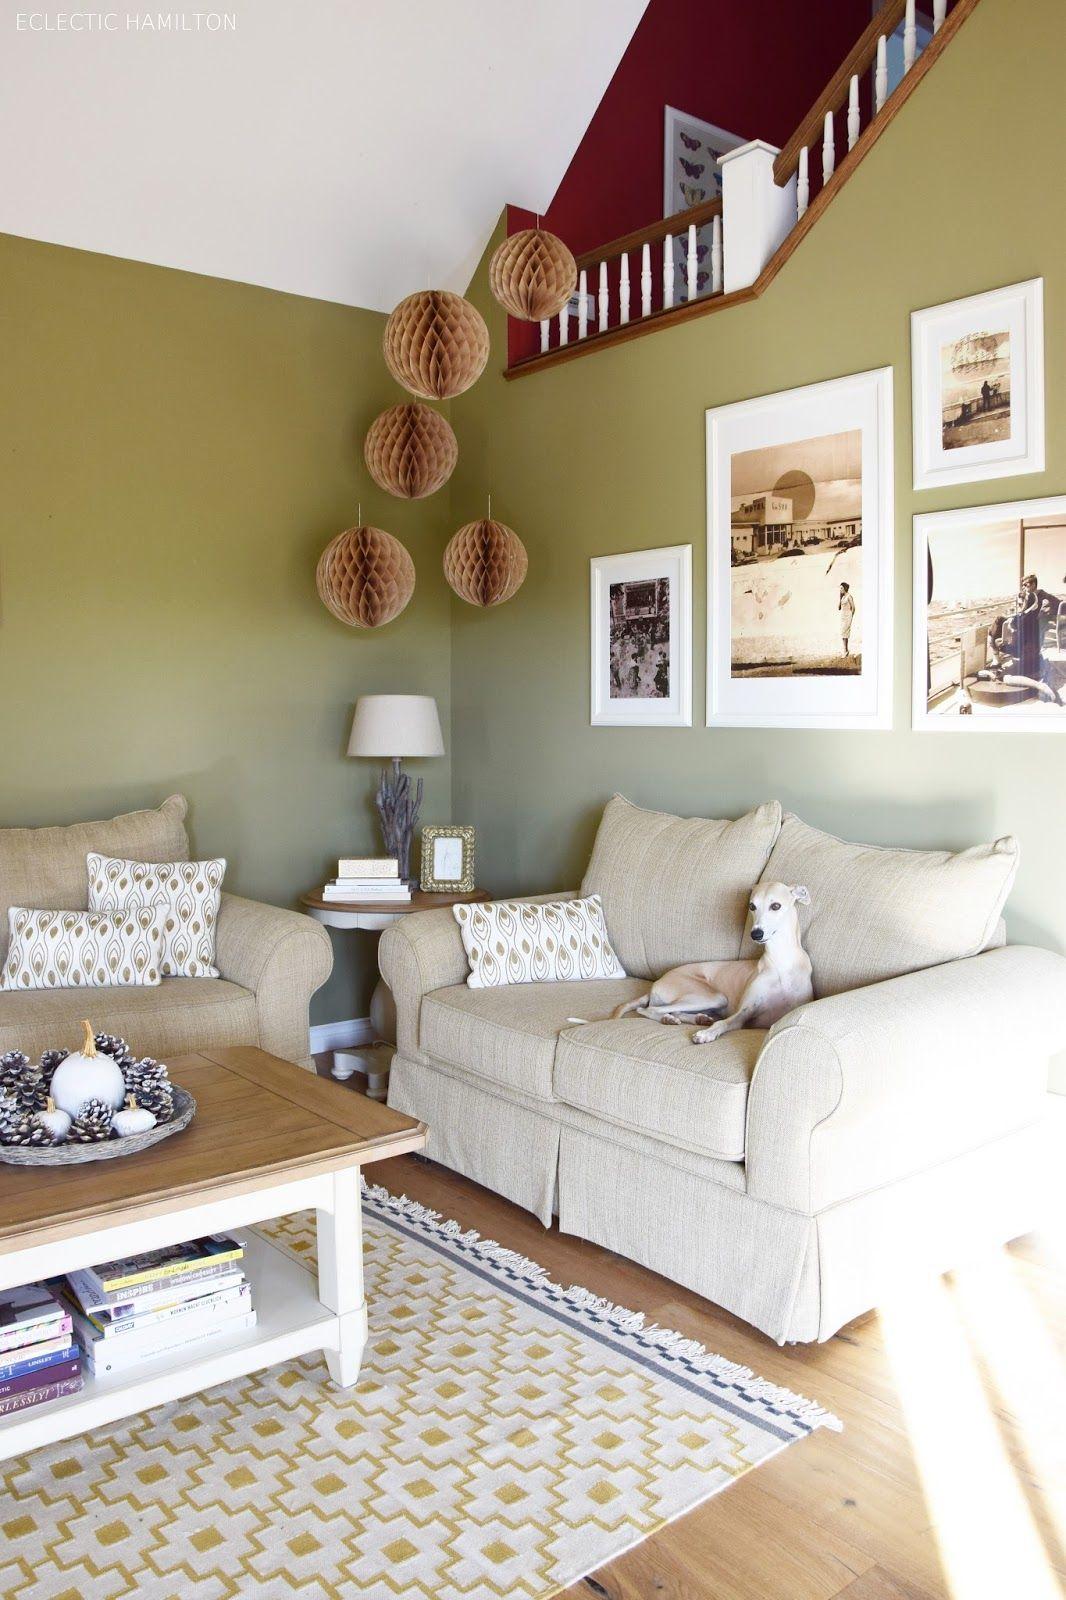 Neue Deko fürs Wohnzimmer | Wabenbälle, Pompoms und Dekorieren